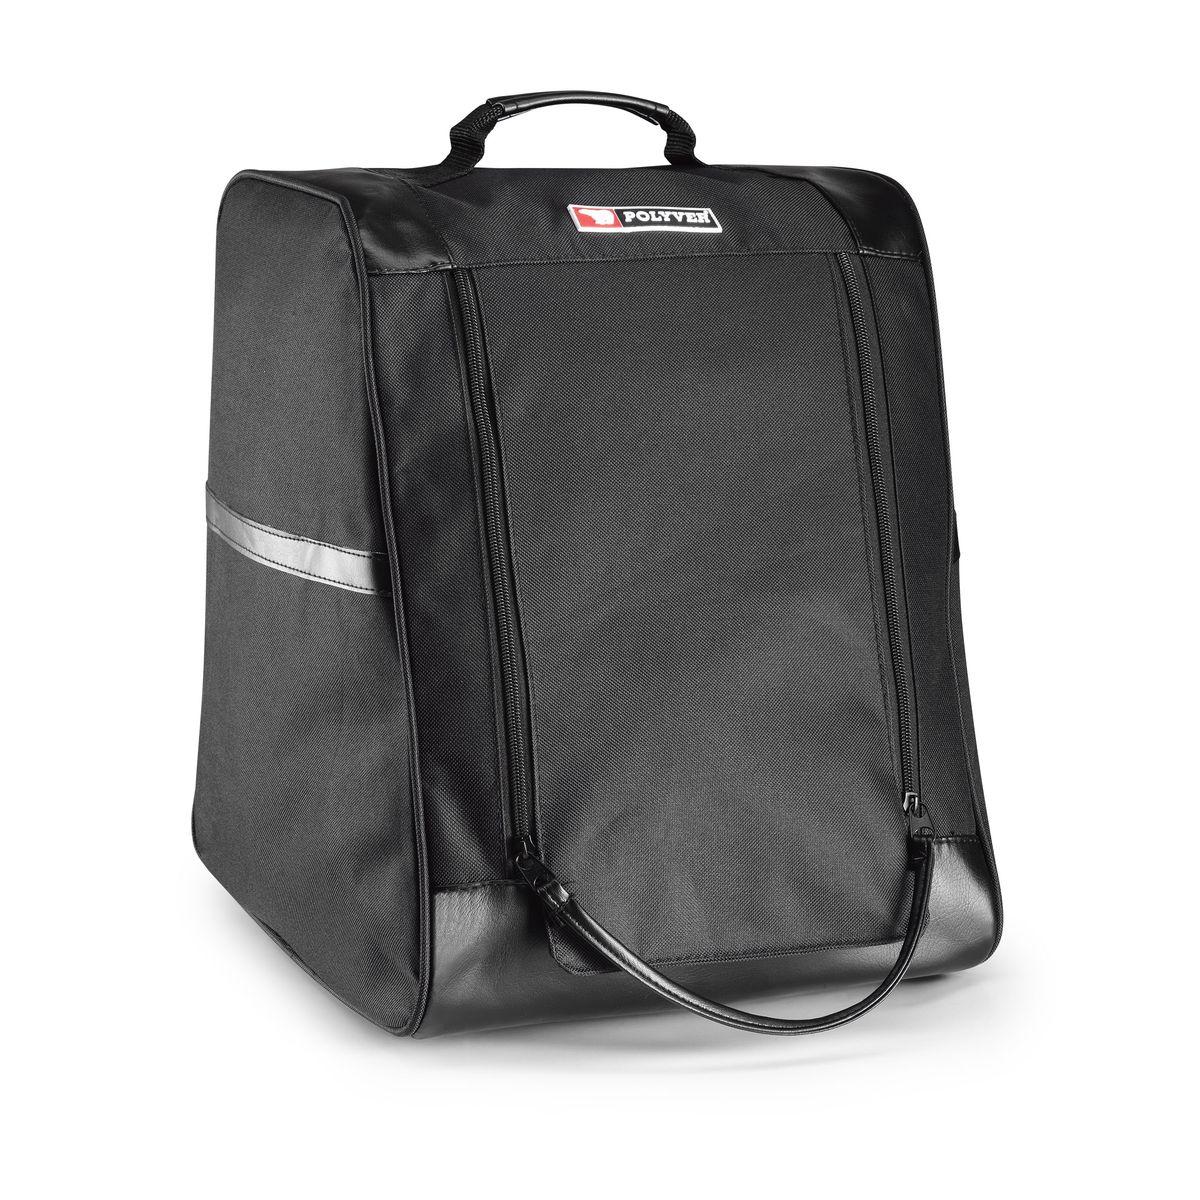 Сумка для сапог POLYVER , цвет: черный.AM-PREMBAG-151413Данная сумка предназначена для переноски/хранения грязной и мокрой обуви. Ткань с водоотталкивающей пропиткой не позволит испачкать другие вещи в машине, а вставка из галантерейной сетки даст возможность обуви подсохнуть. Сумка отлично вместит и другие вещи необходимые на охоте или рыбалке (перчатки, шипы, шапка и другое).Цвет черный.